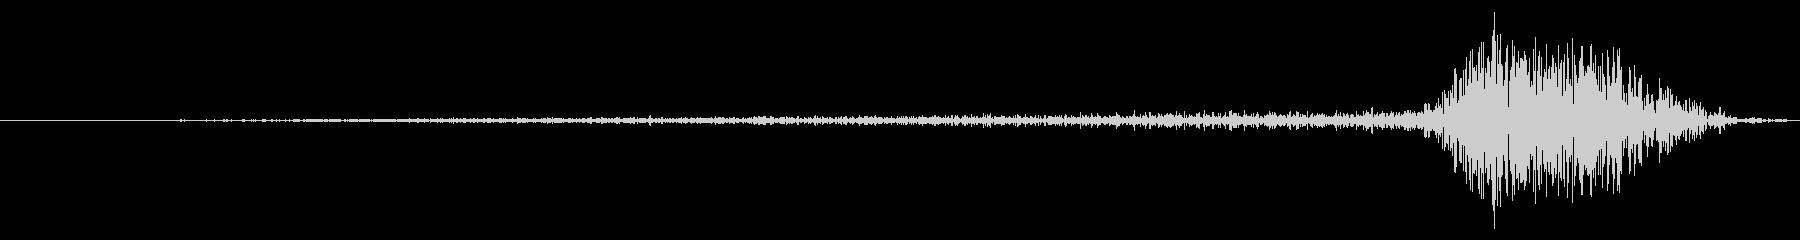 蹄EC04_72_4の未再生の波形